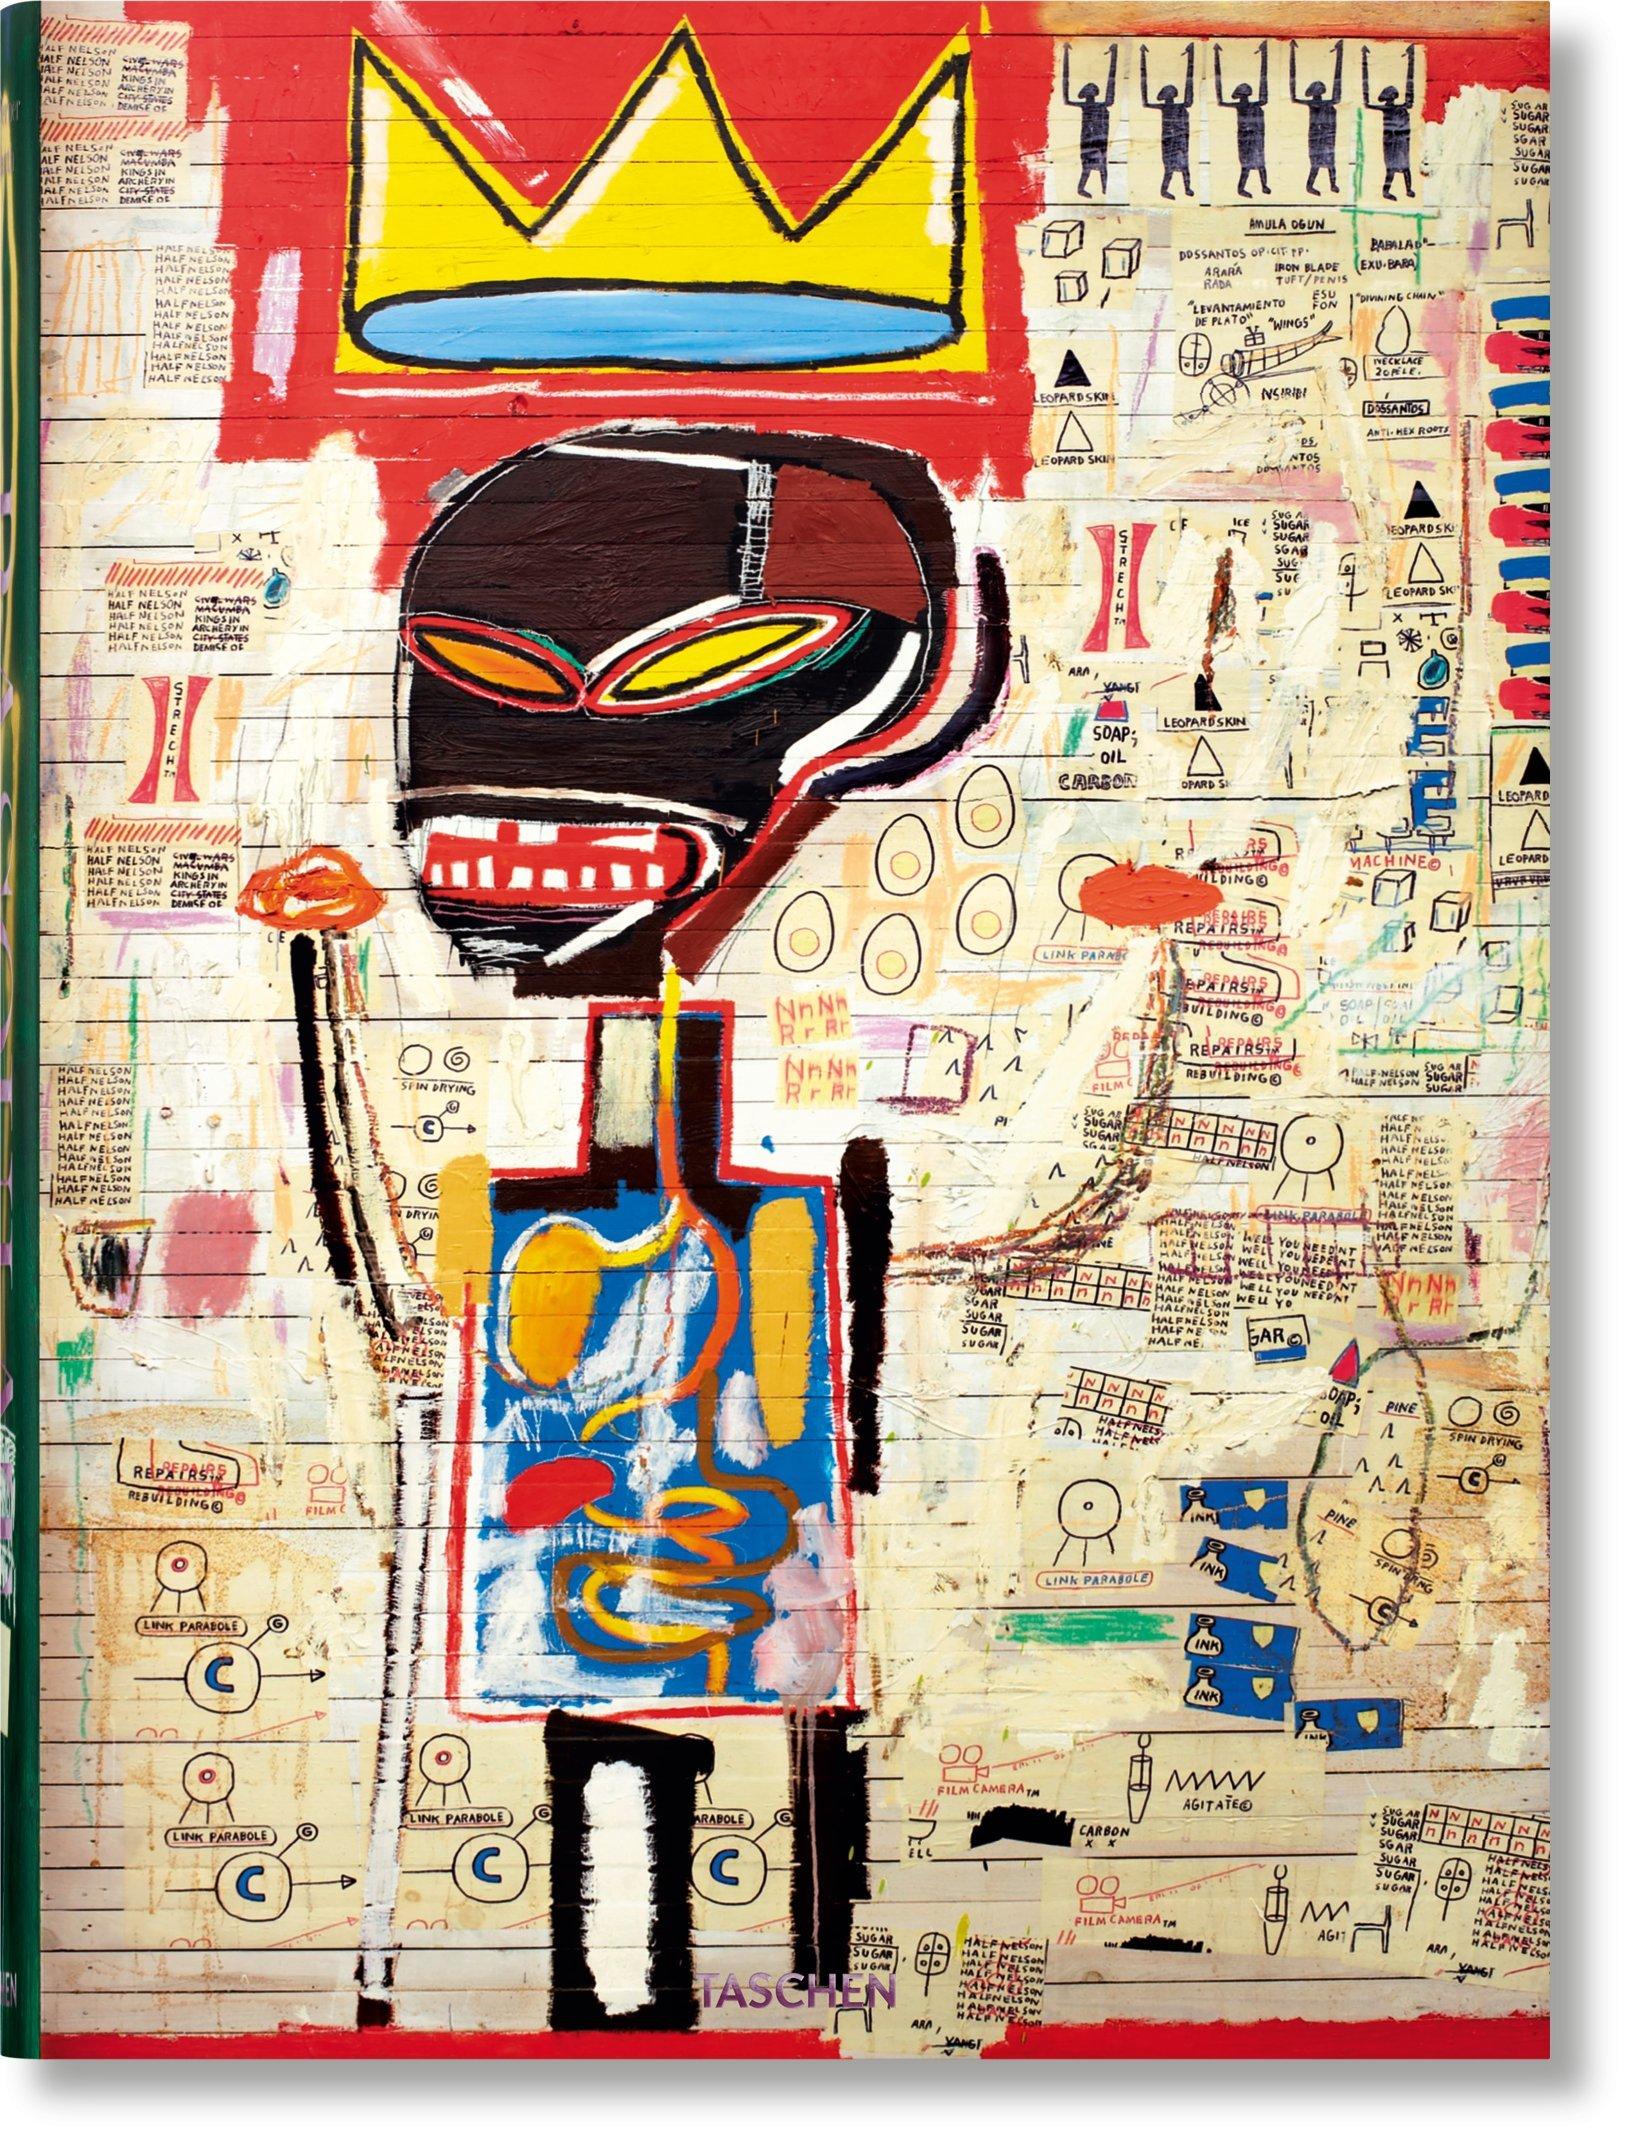 Jean-Michel Basquiat Hans Werner Holzwarth, Eleanor Nairne